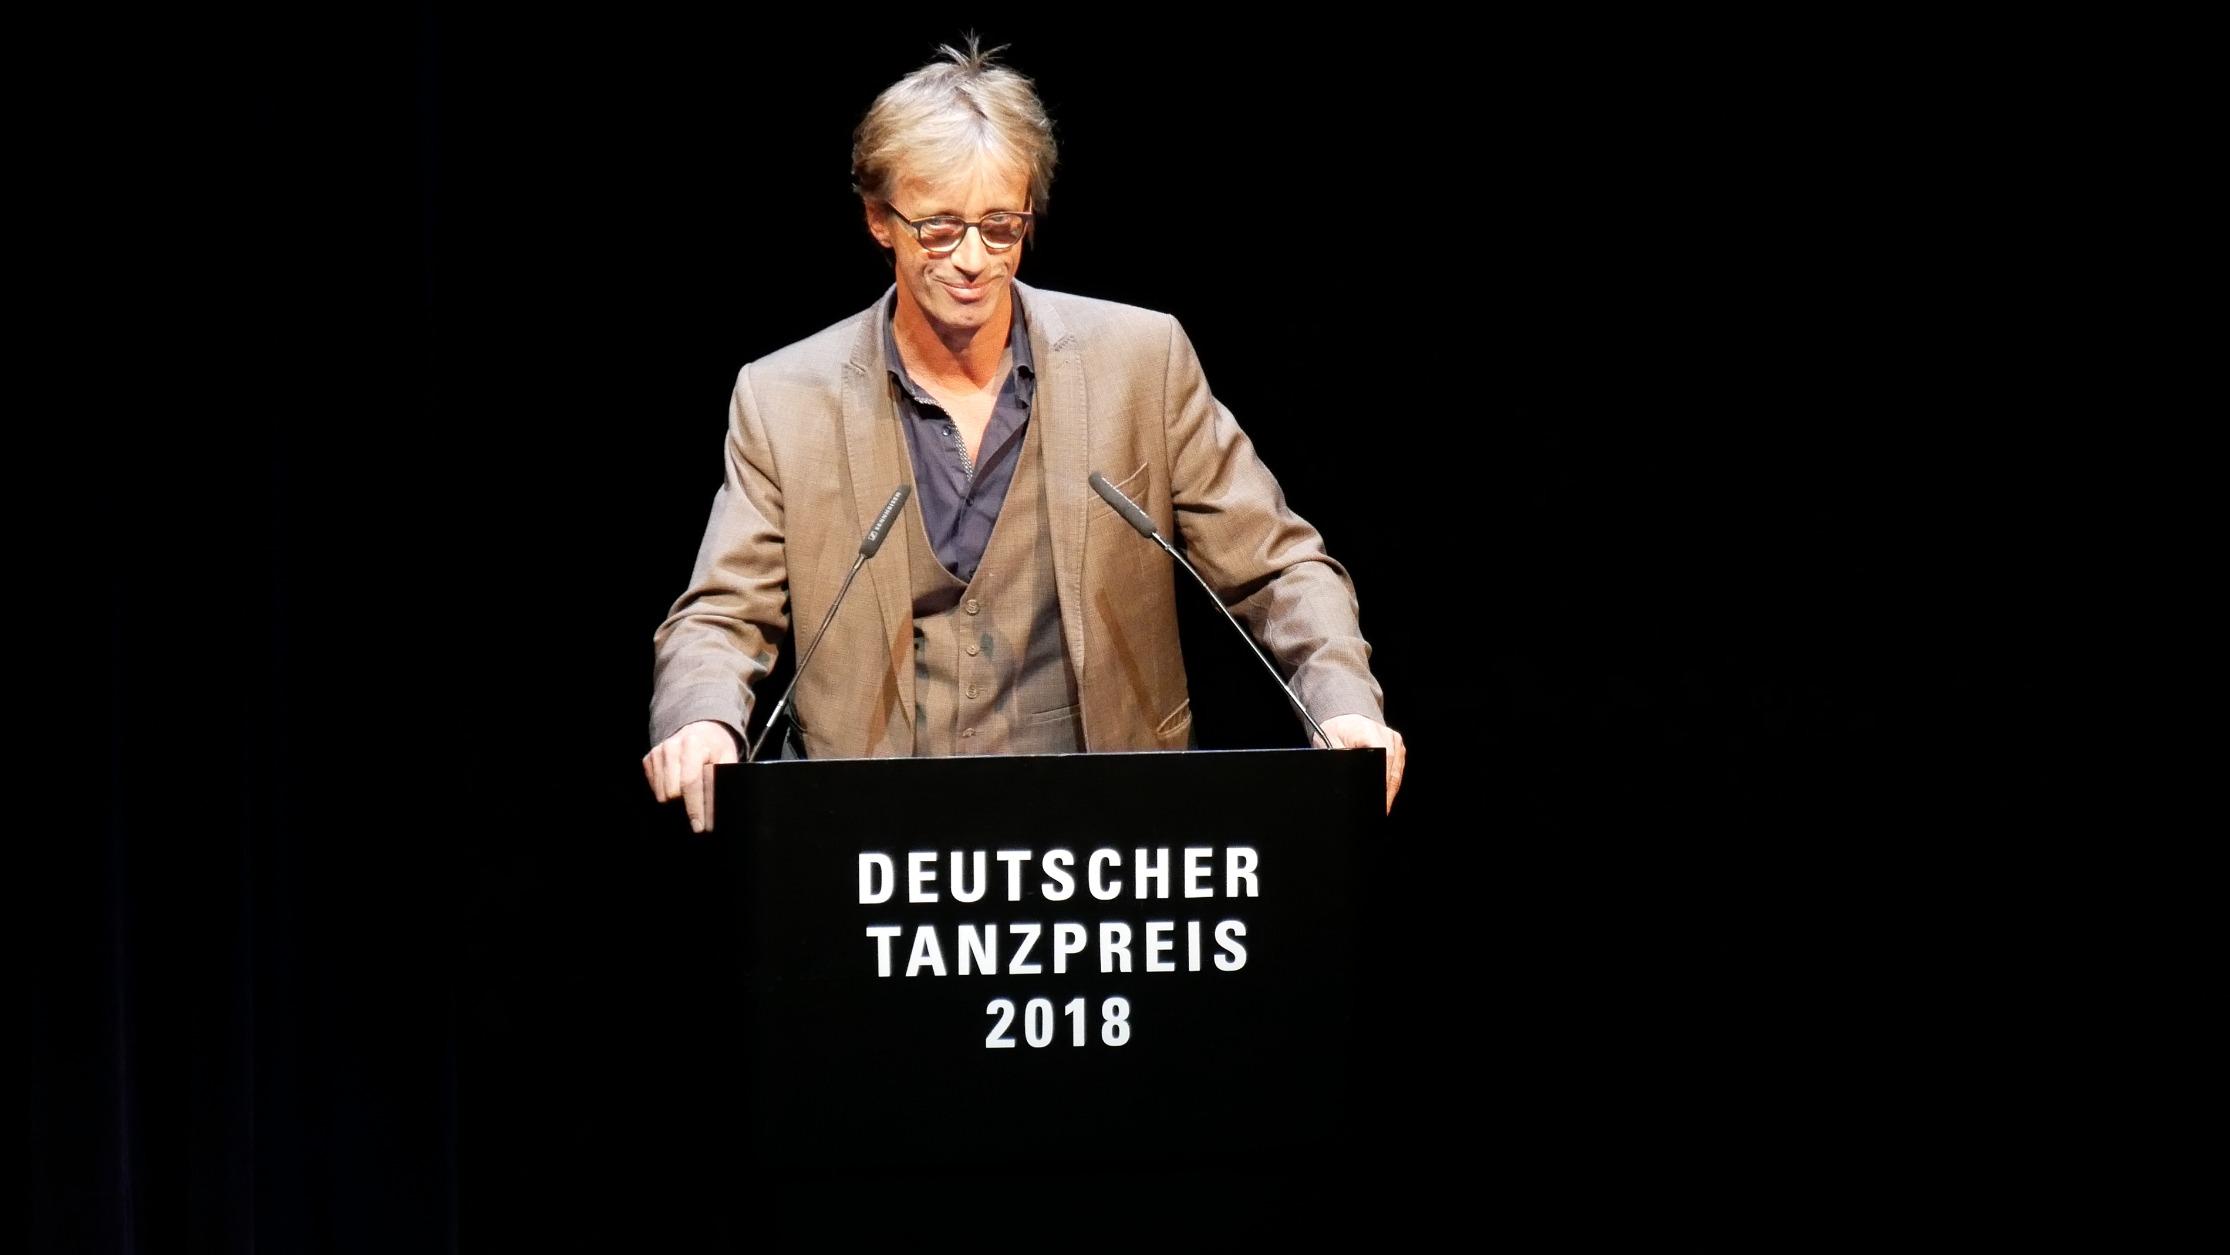 ©PRESSEBILDER Klaus Dilger_TANZWEB Verleihung Deutscher Tanzpreis 2018 in Essen Laudator Stefan Hilterhaus PACT Zollverein